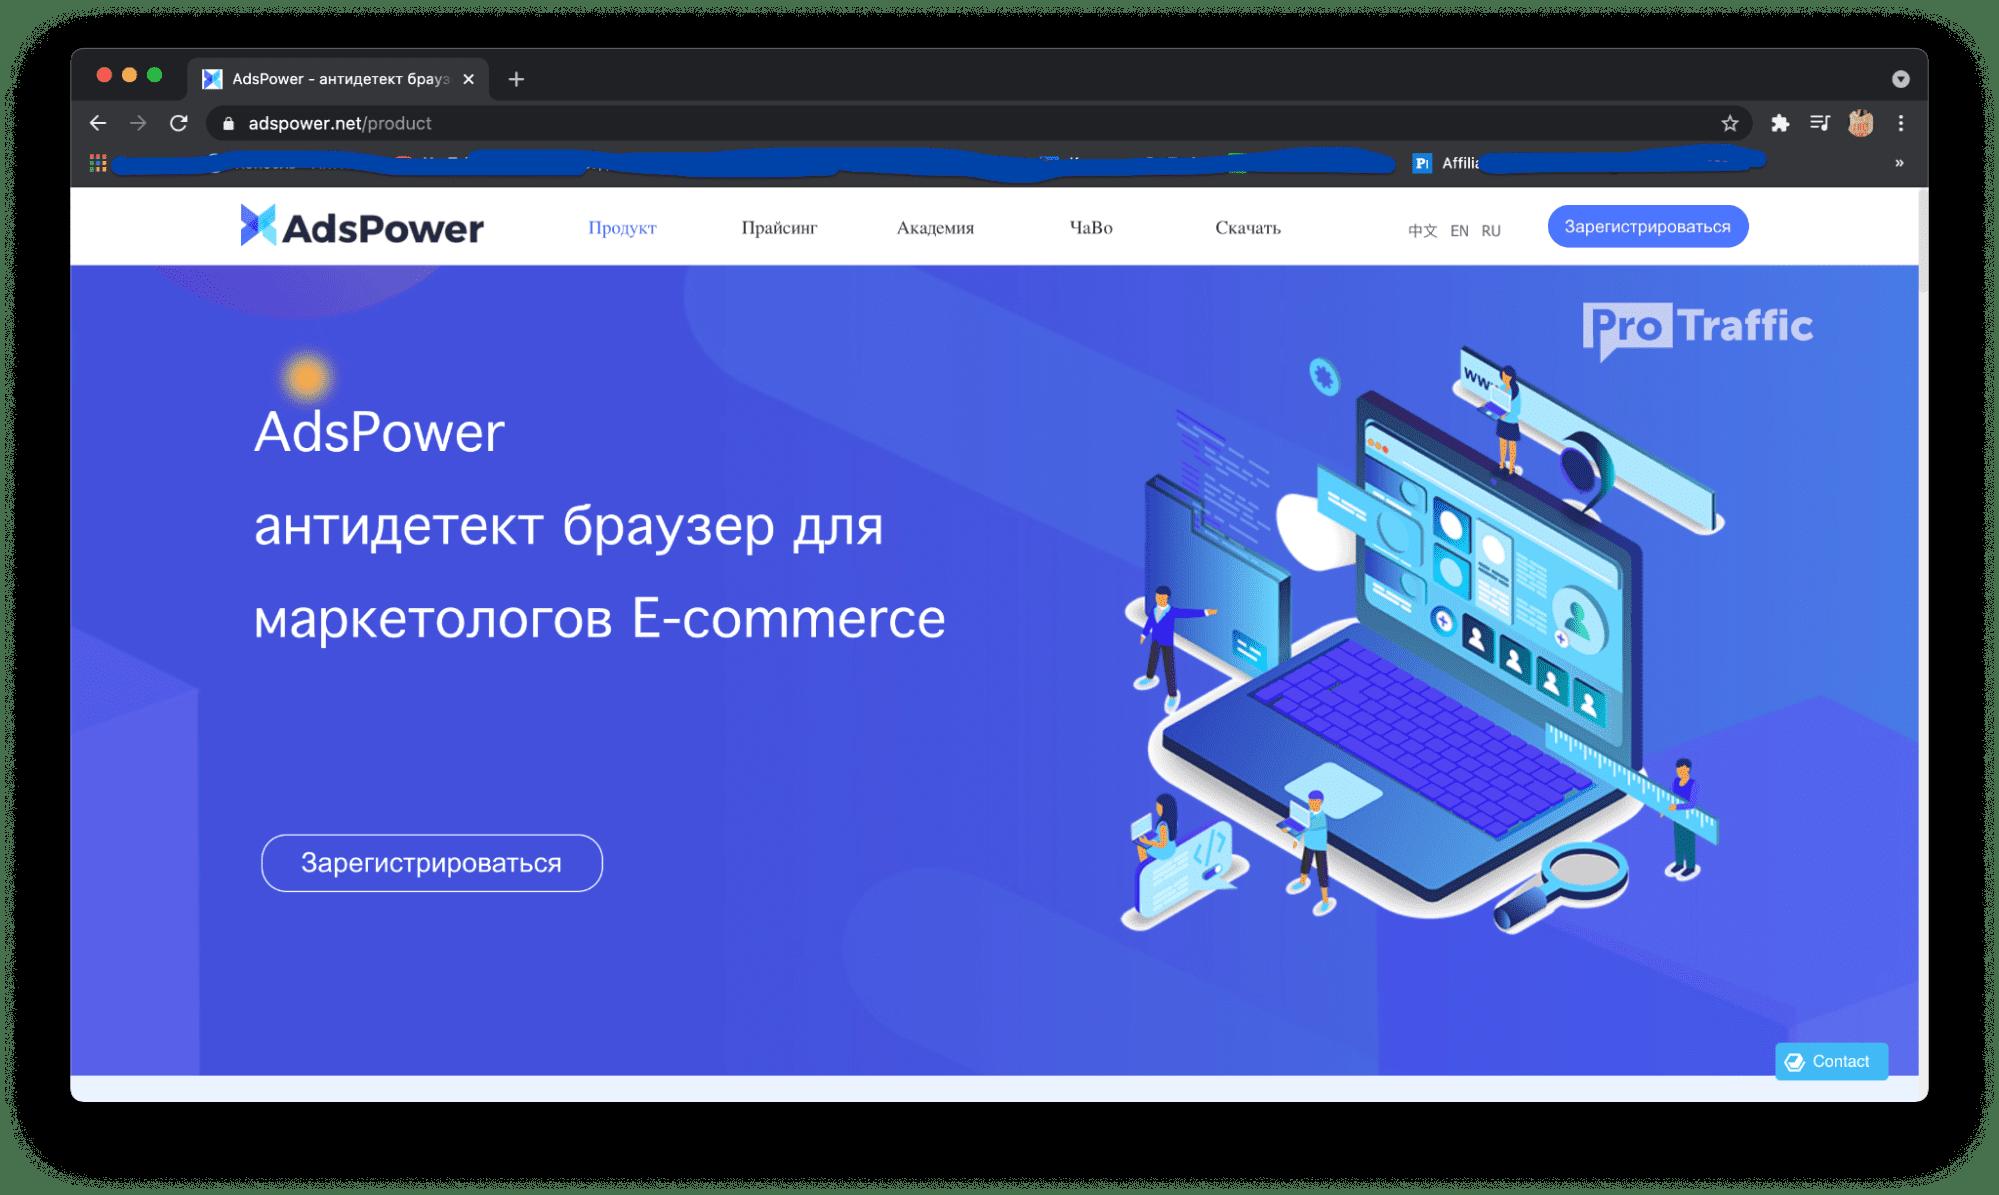 антидетект браузер AdsPower